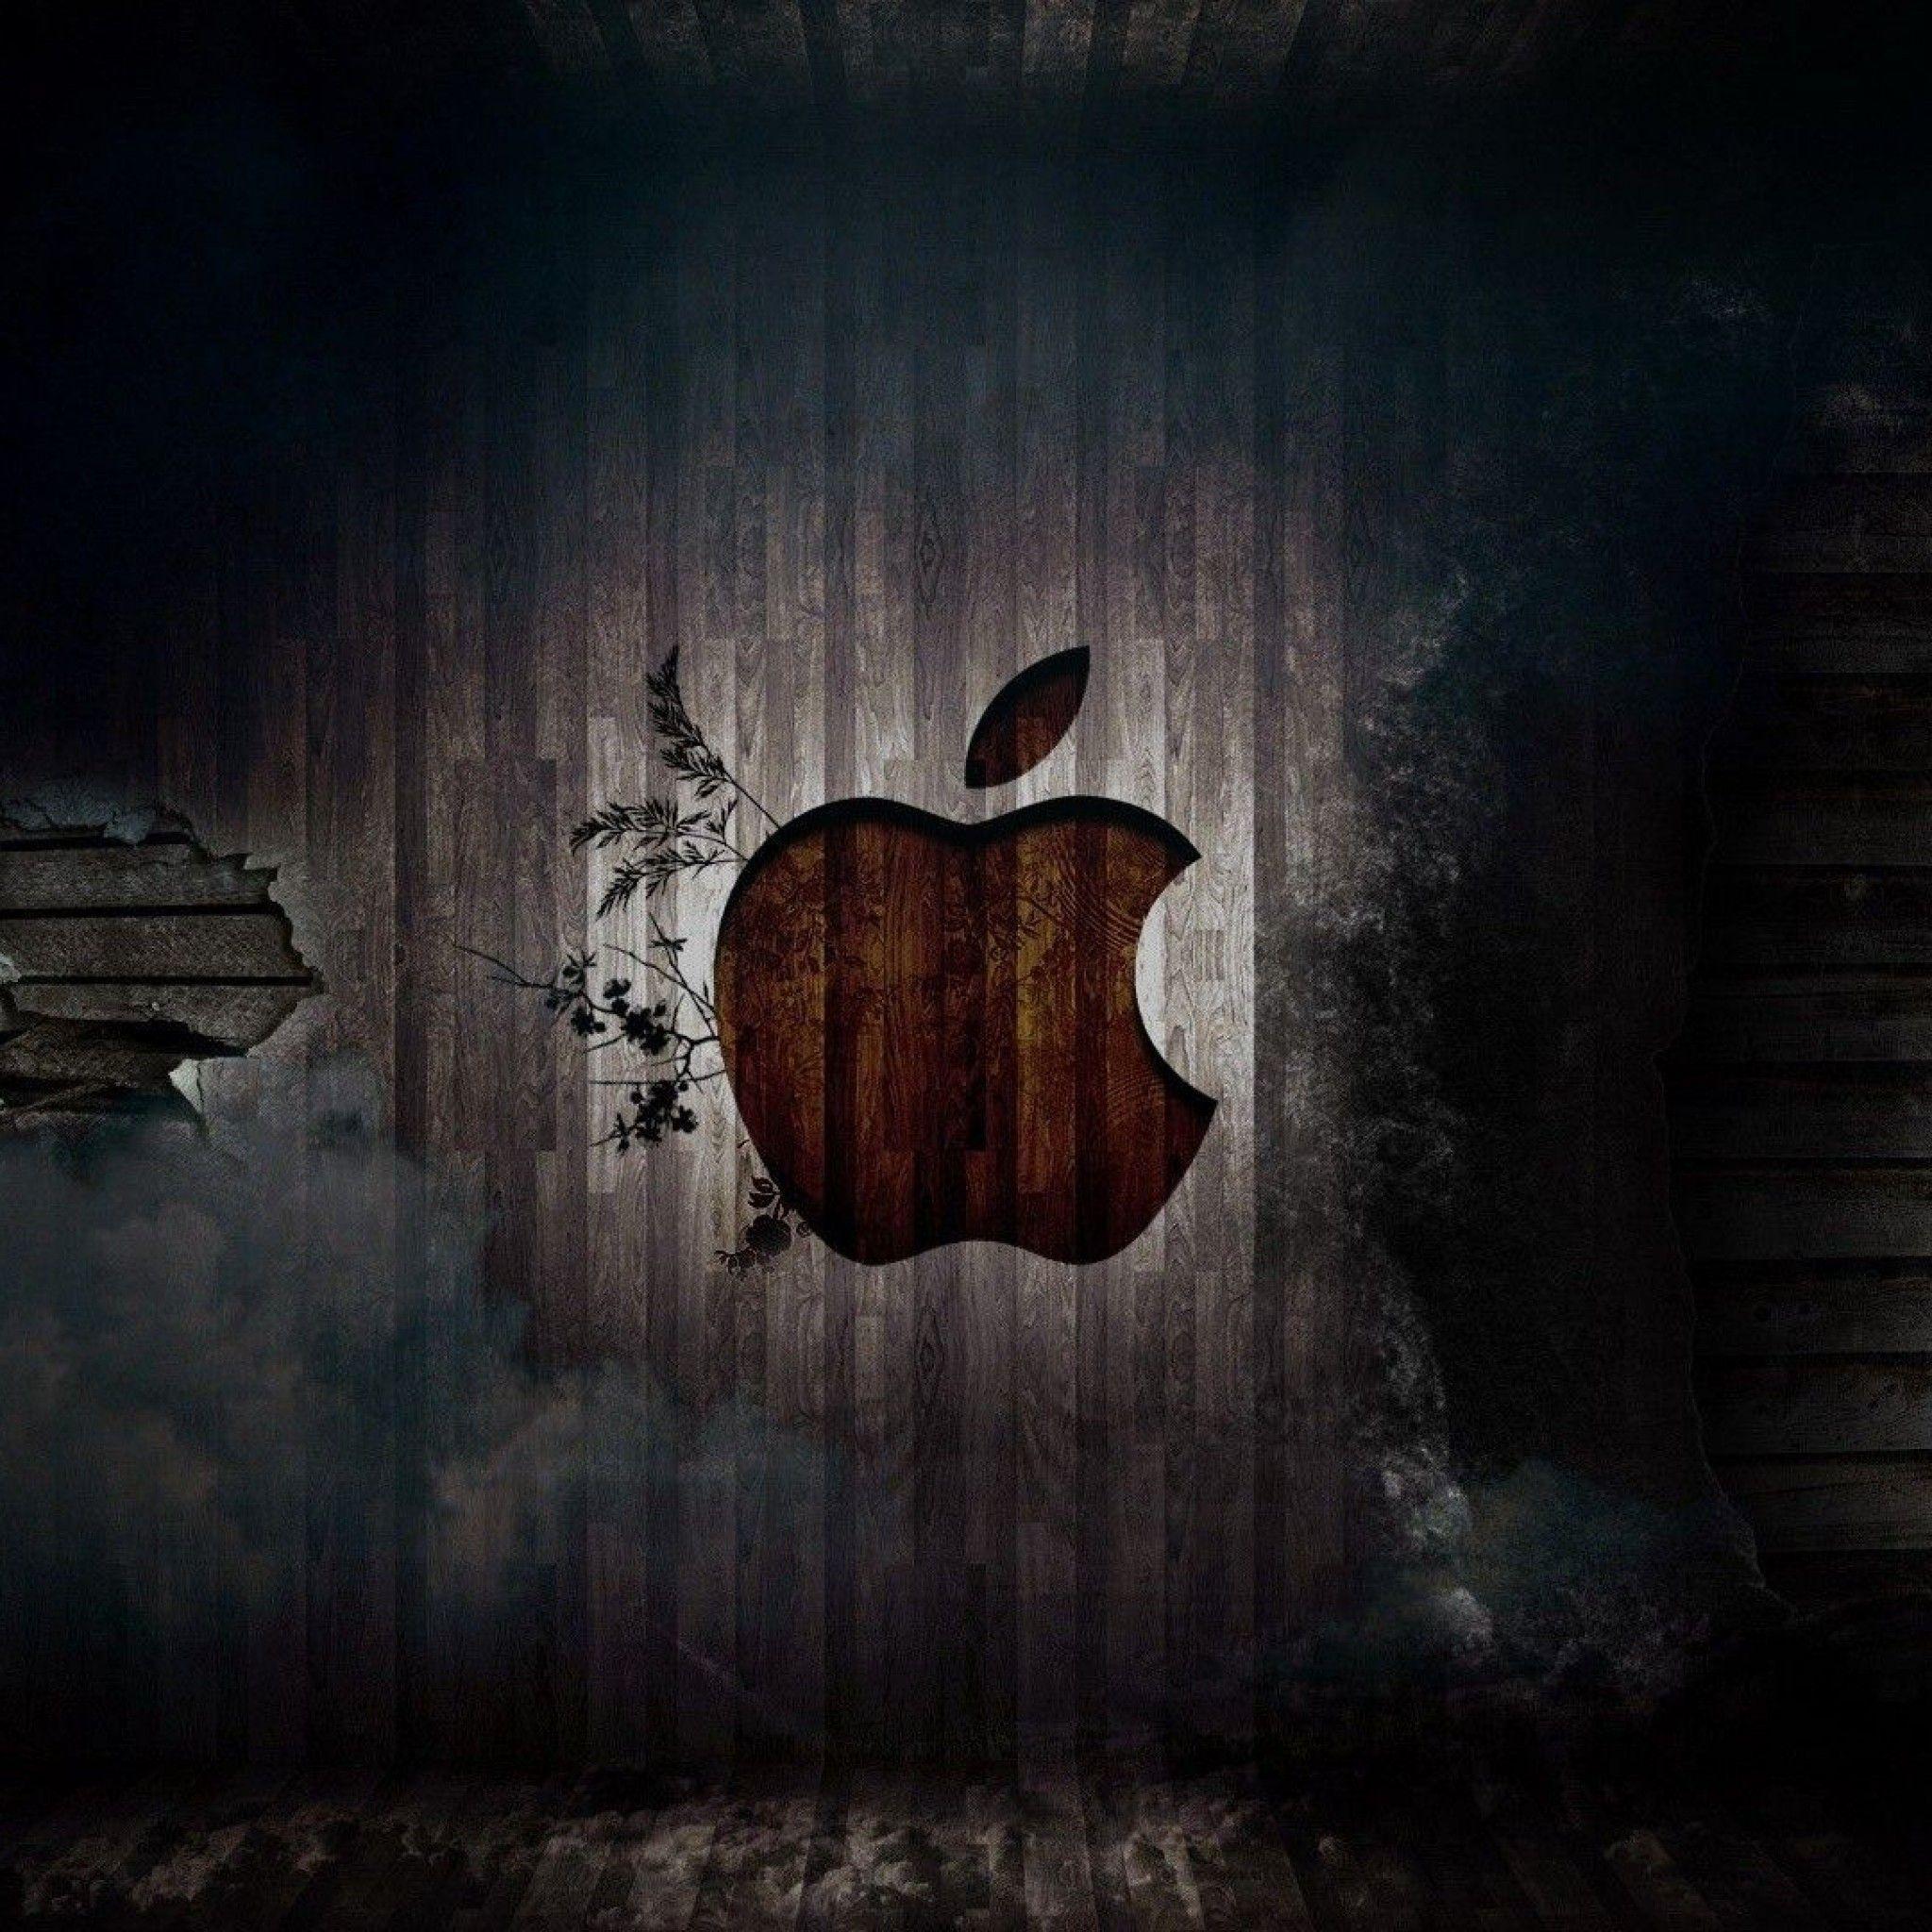 木目にアップルの刻印 Iphone壁紙 Iphone 5壁紙 壁紙